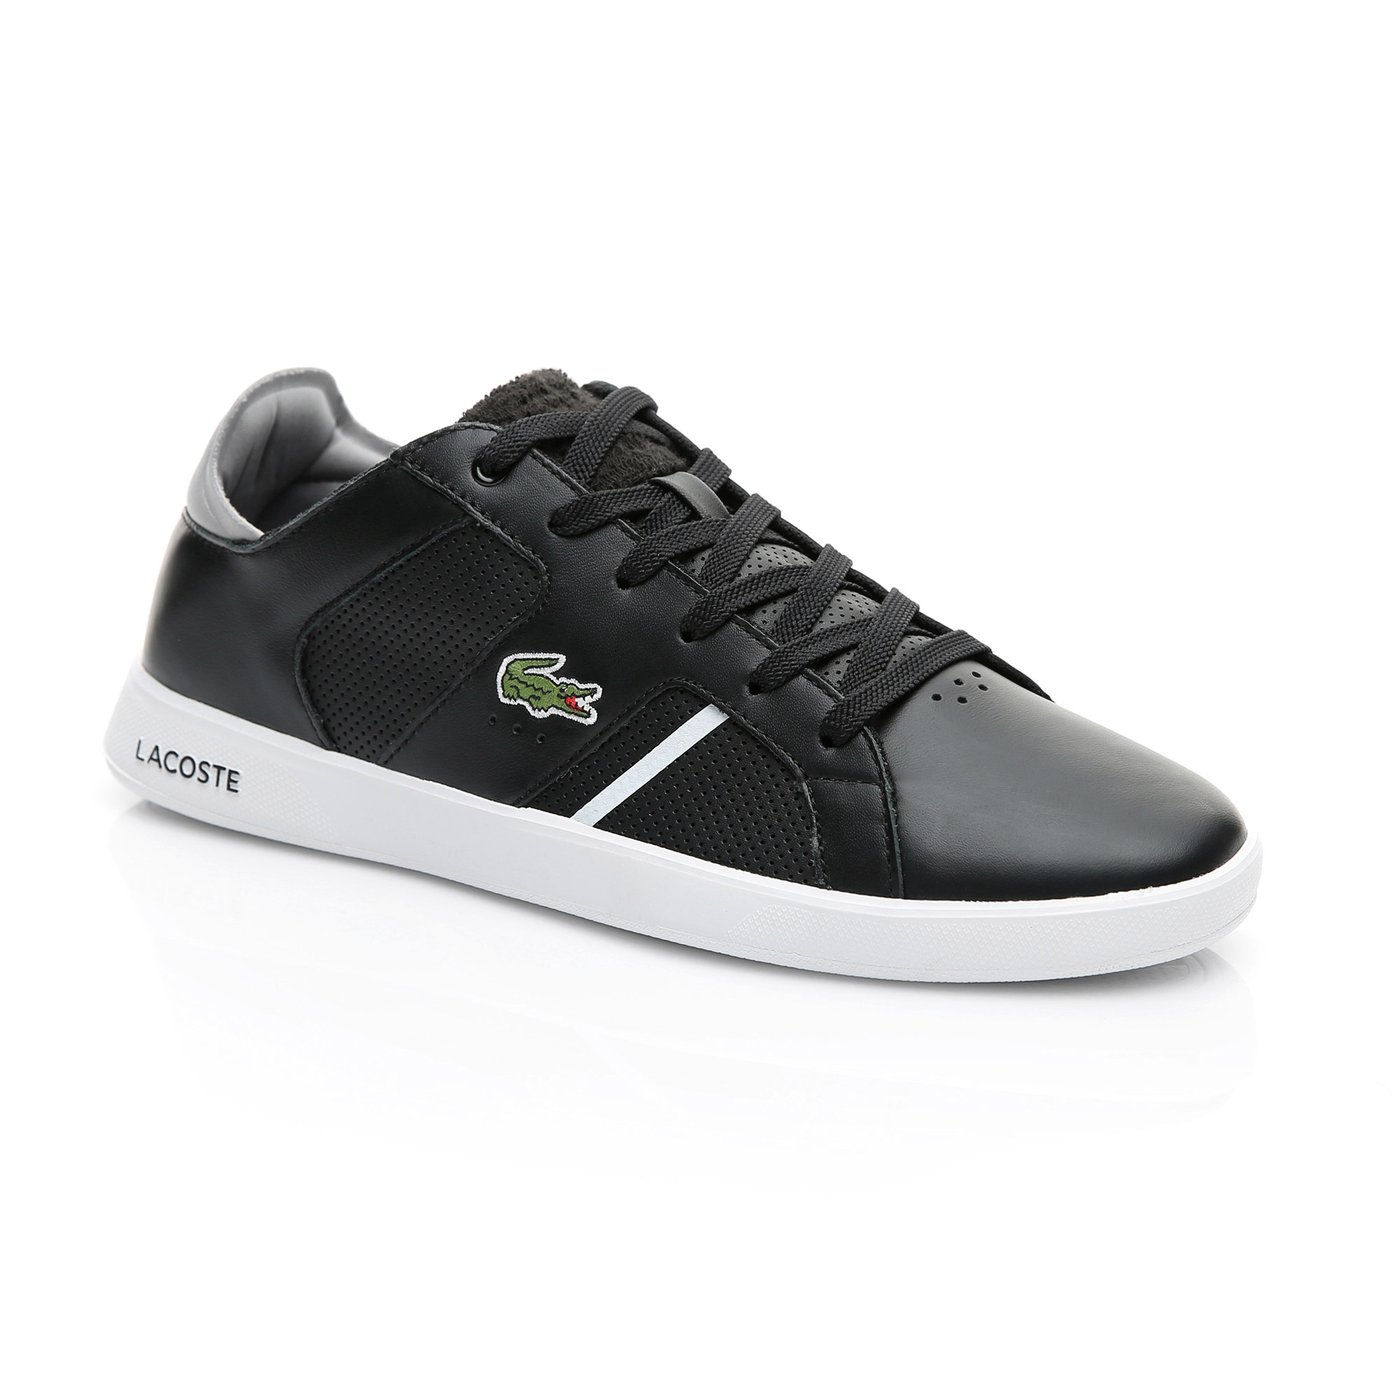 Lacoste Erkek Siyah - Gri Novas 119 1 Spor Ayakkabı